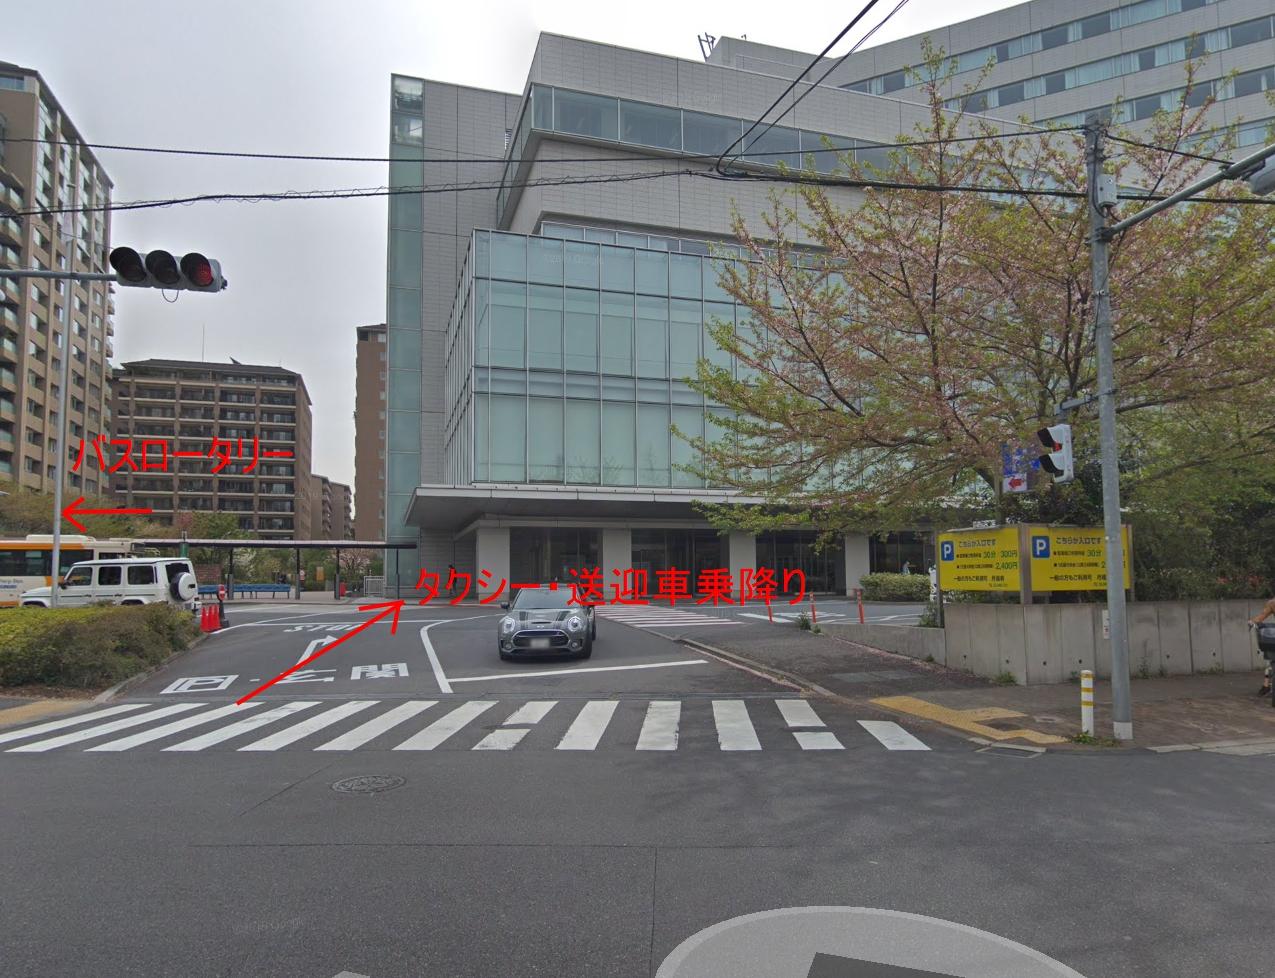 日赤 広尾 駐車場